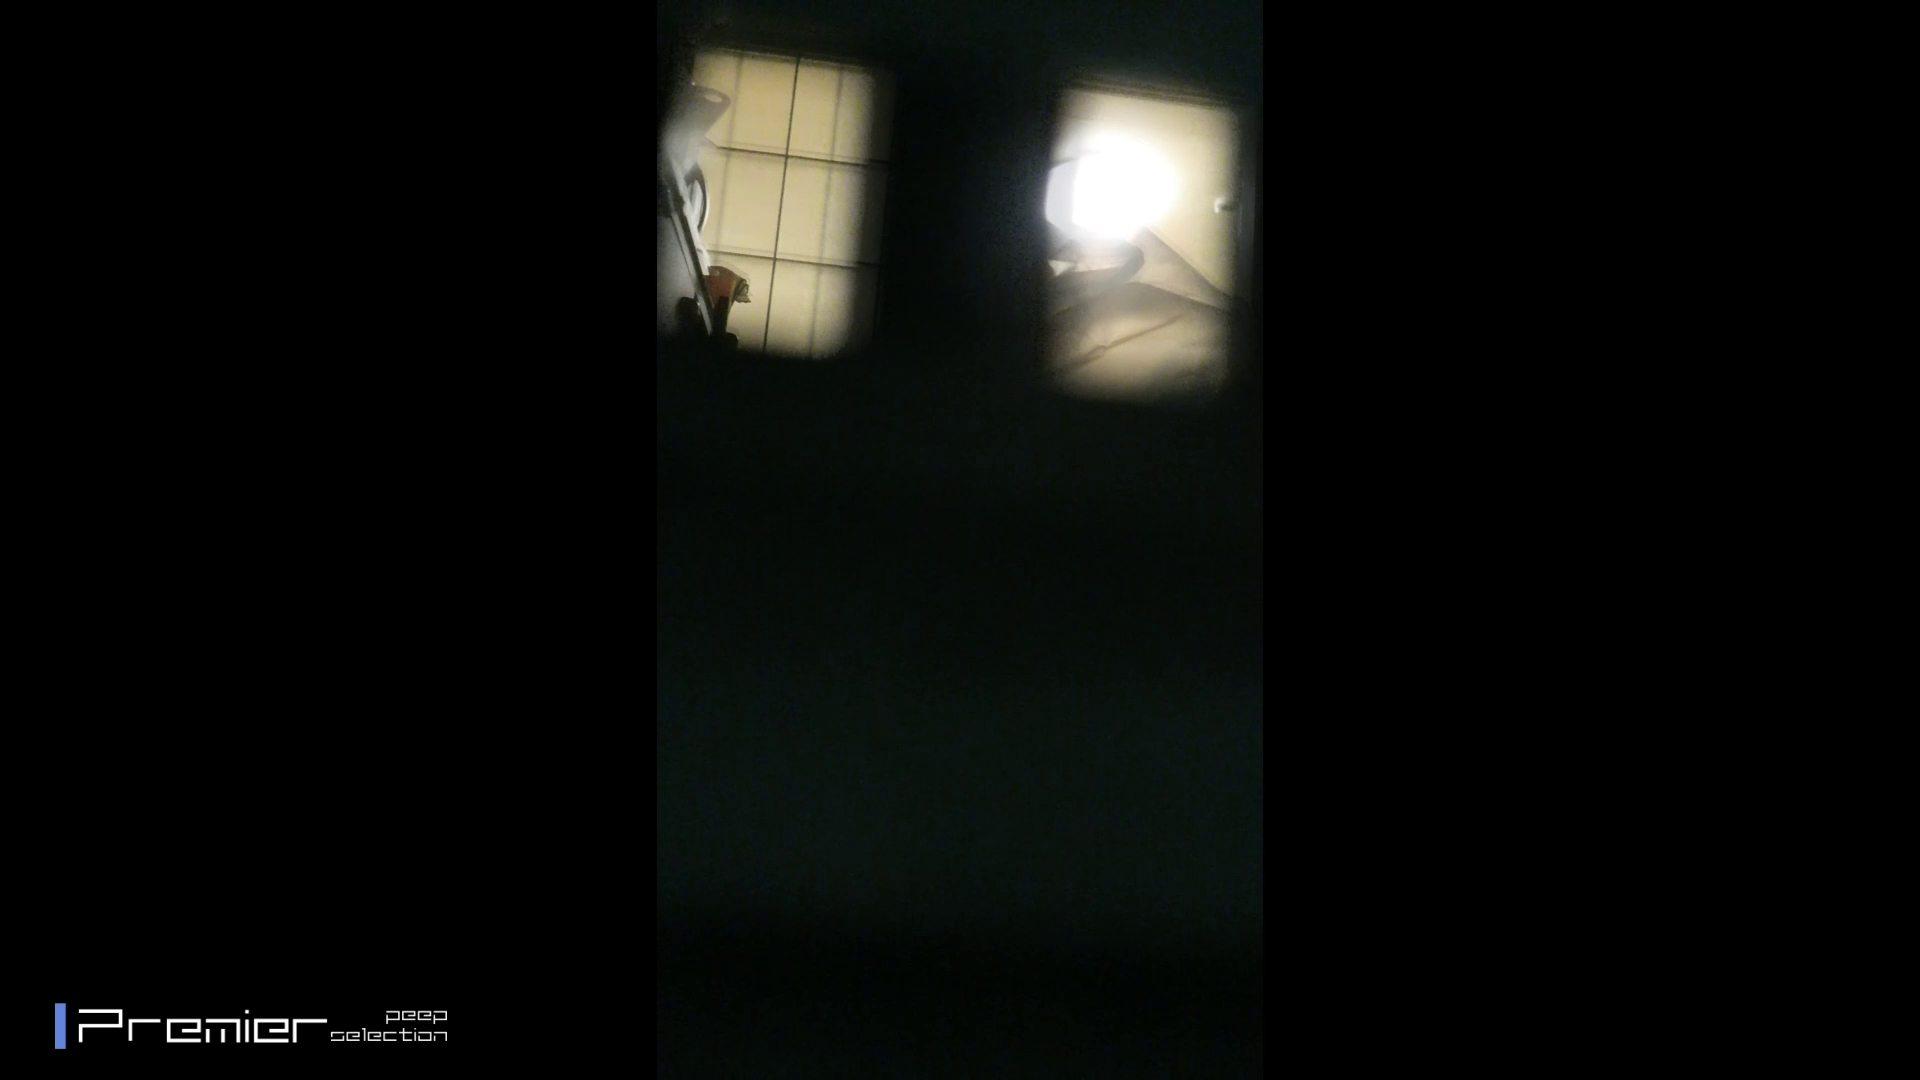 美女達の私生活に潜入!一人暮らし女子大生が見せる入浴前の恥ずかしい姿 入浴中   民家 盗撮 107画像 61